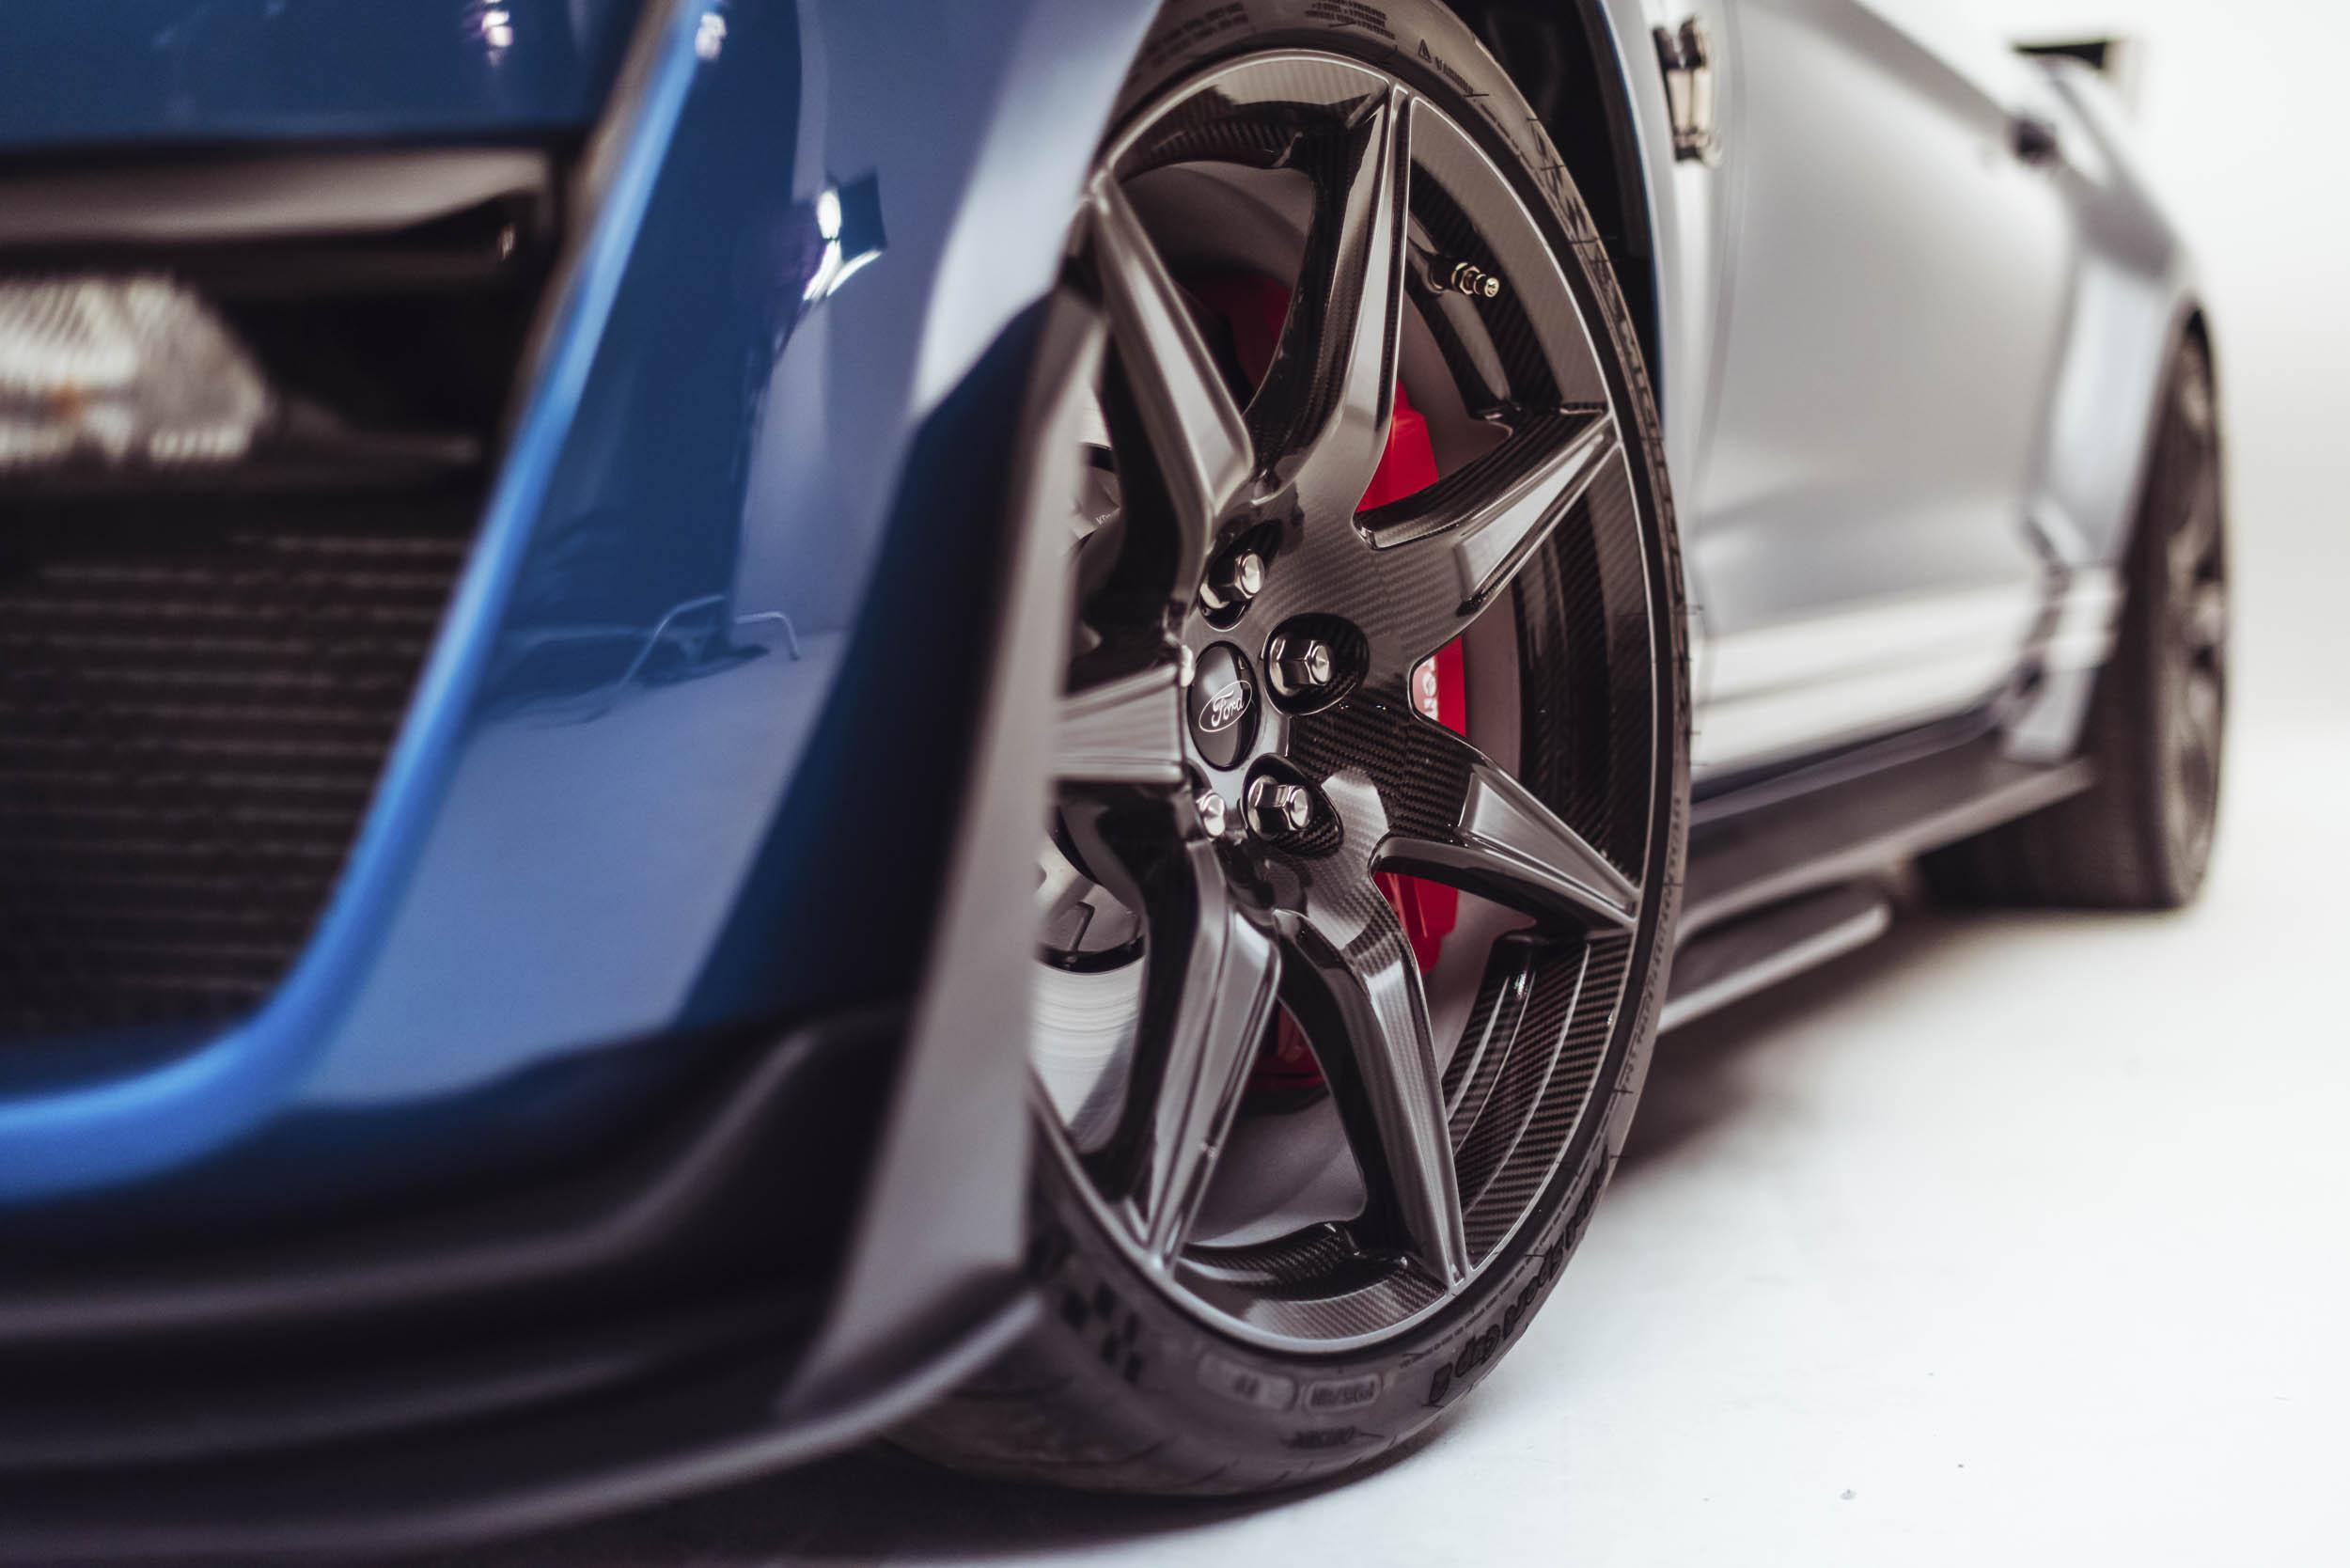 2020 Shelby GT500 wheel detail